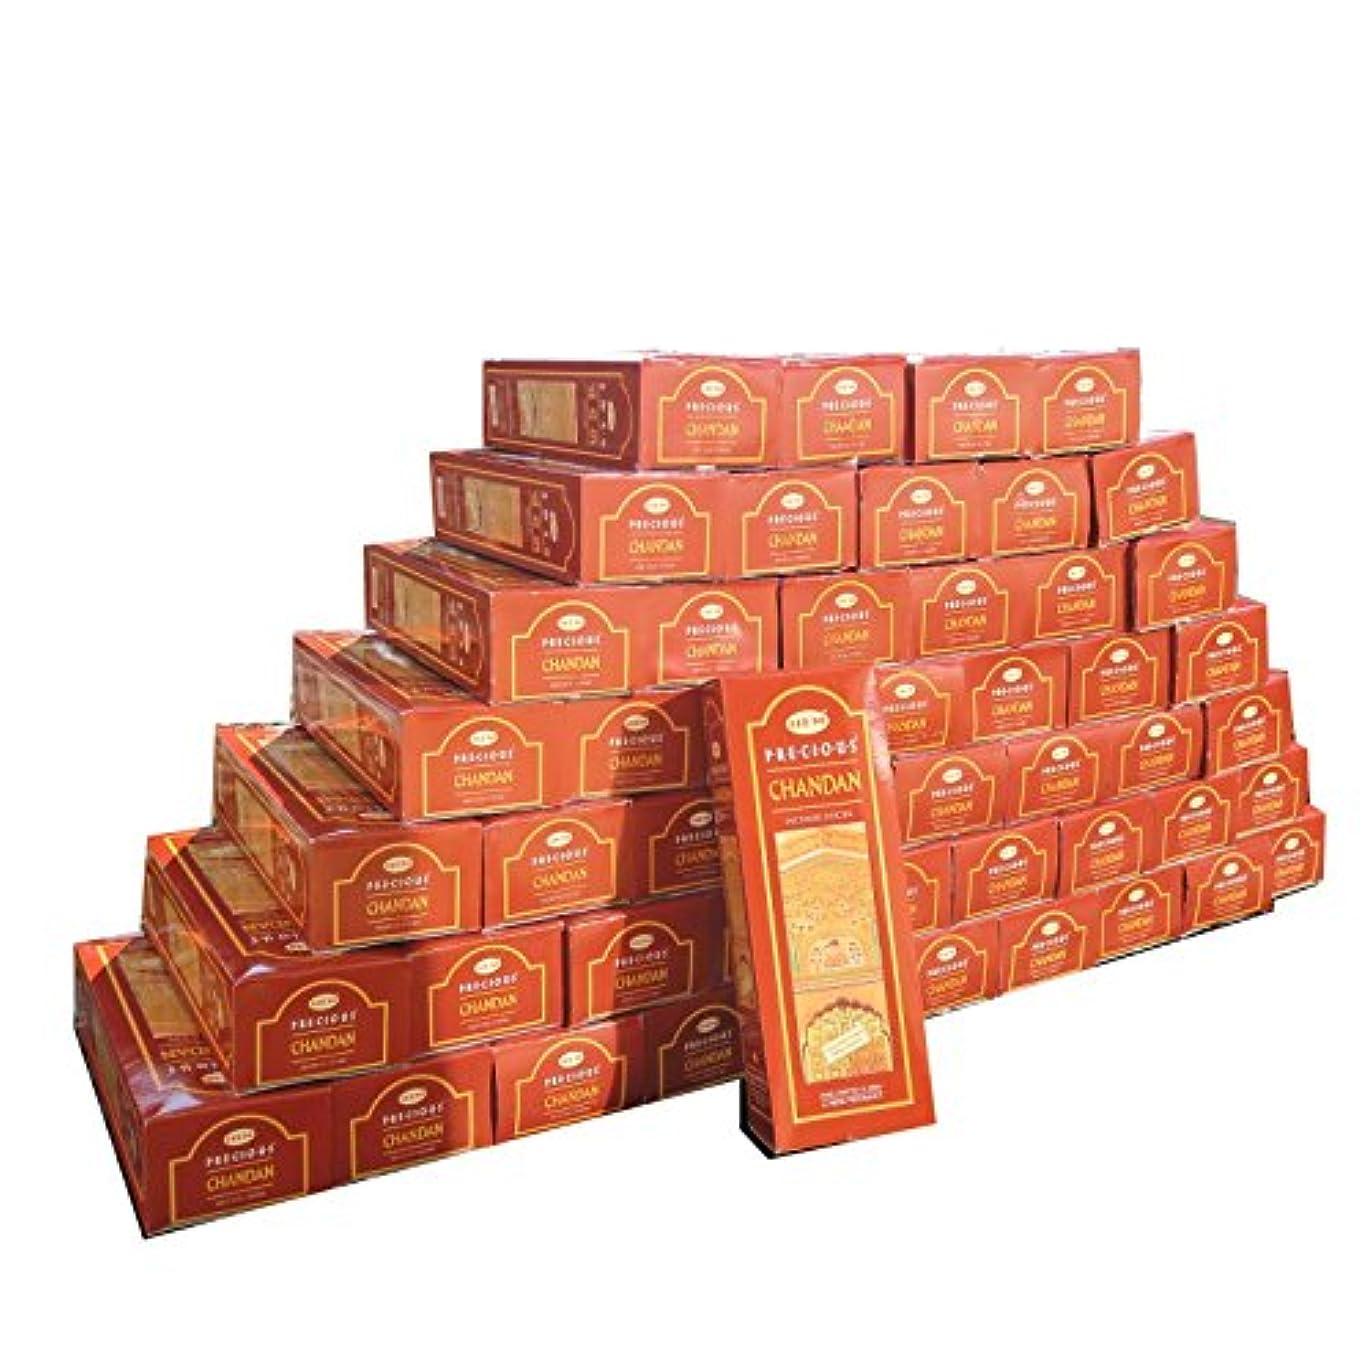 ルーチン銀社員業務用 インドスティック形お香 プレシャスチャンダン 300箱入り